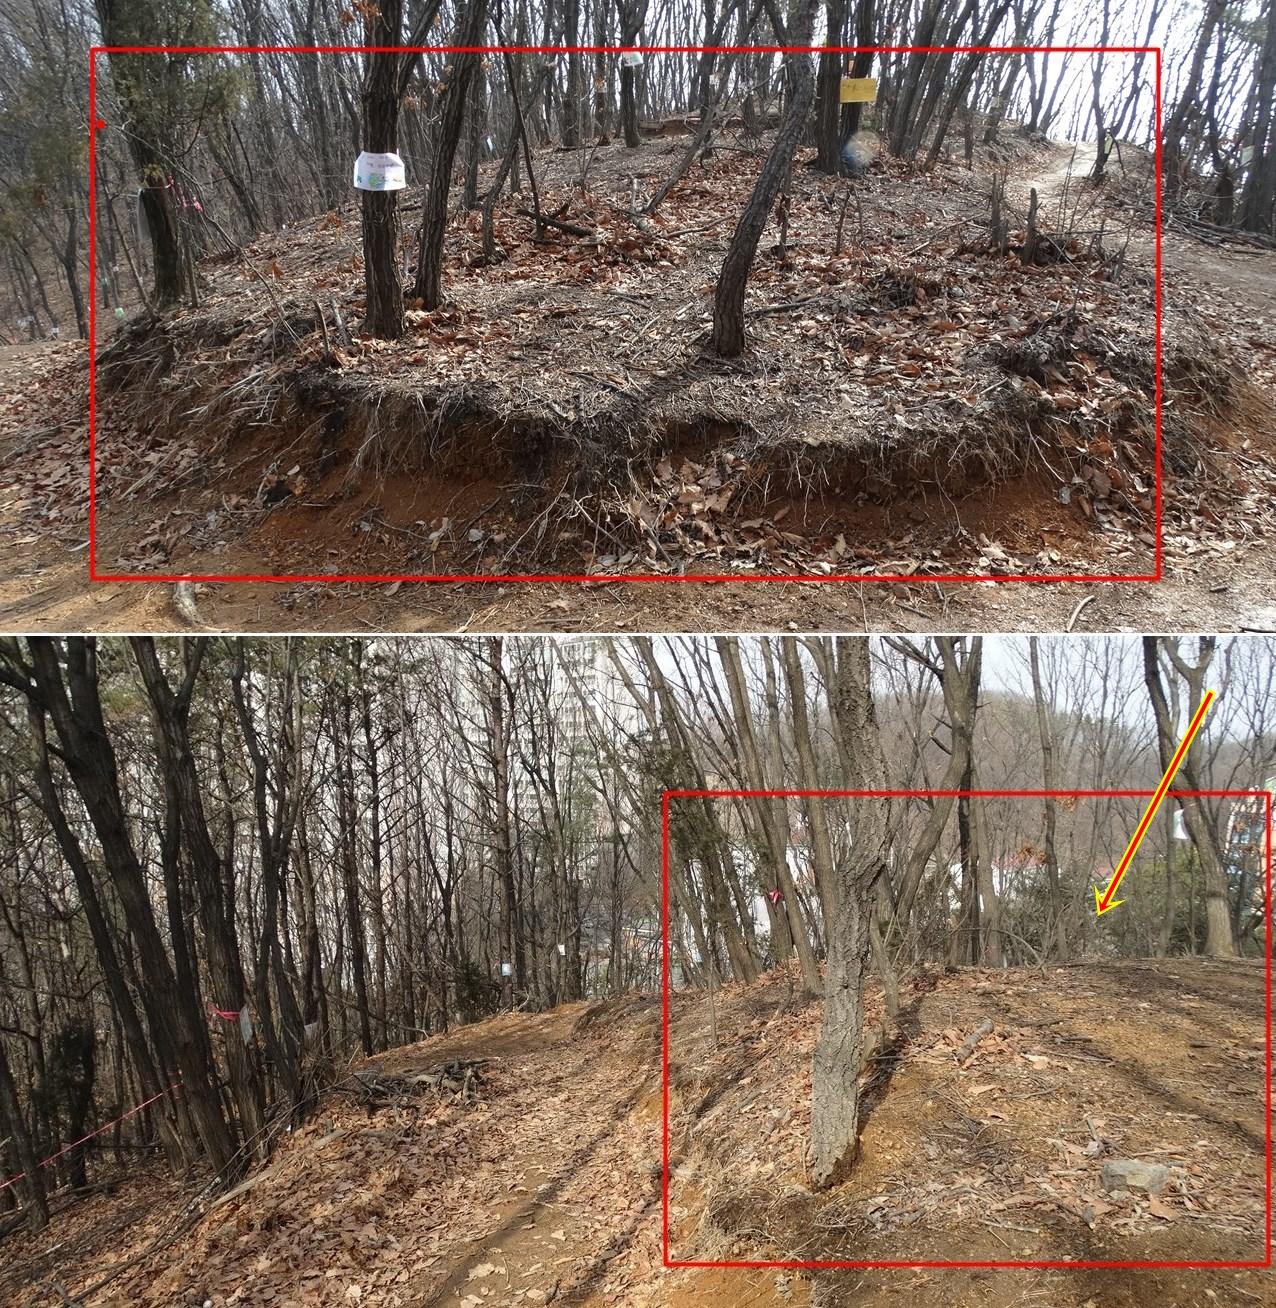 사진의 빨간표 한 자리가 한강청 전문가가 단 5분 동안 나무 지름을 조사한 곳이다. 주민들이 등산로로 이용하던 곳이라 다른 곳에 비해 나무가 적음이 사진 속에서도 나타난다. S사가 지난 가을 포클레인으로 파헤친 자리를 한 귀퉁이만을 조사하고 7등급이라고 판정했다. 그러나 아래 사진에서 보듯, 한강청이 조사한 빨간표 안은 나무가 텅 비워 있으나, 좌측 엔 나무들의 밀도가 높음을 알 수 있다.